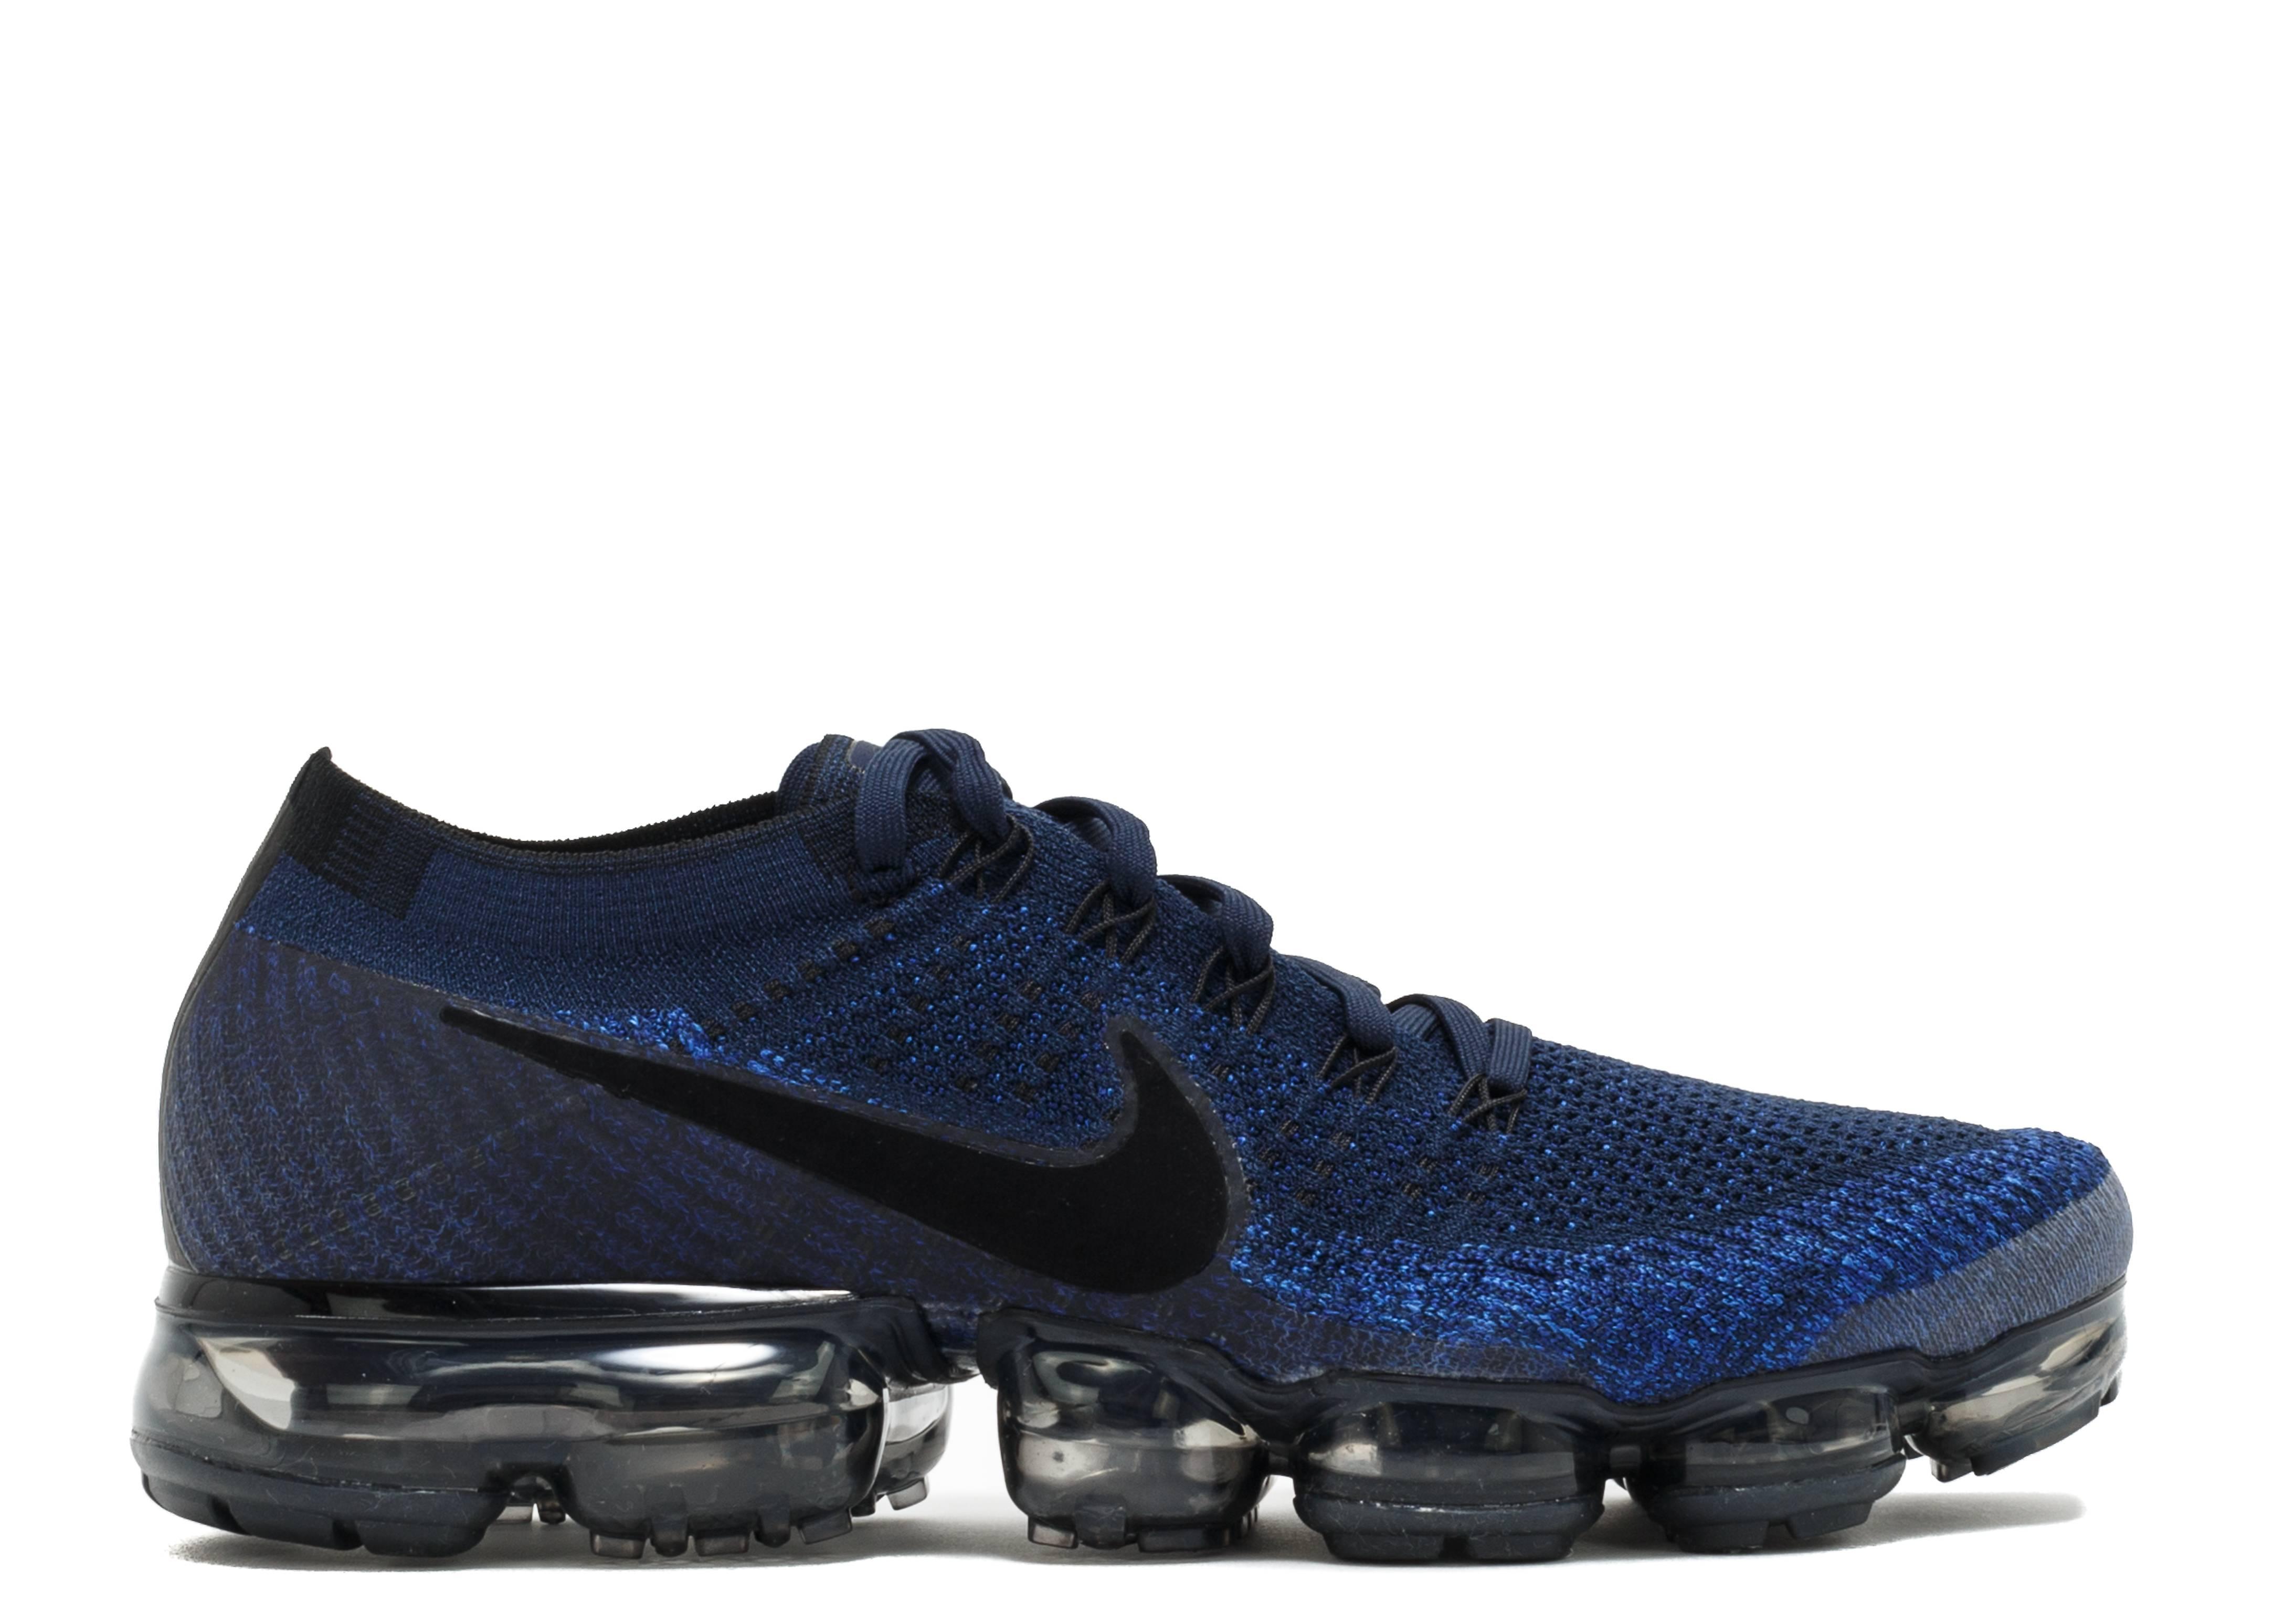 Nike Vapormax Flyknit Oreo